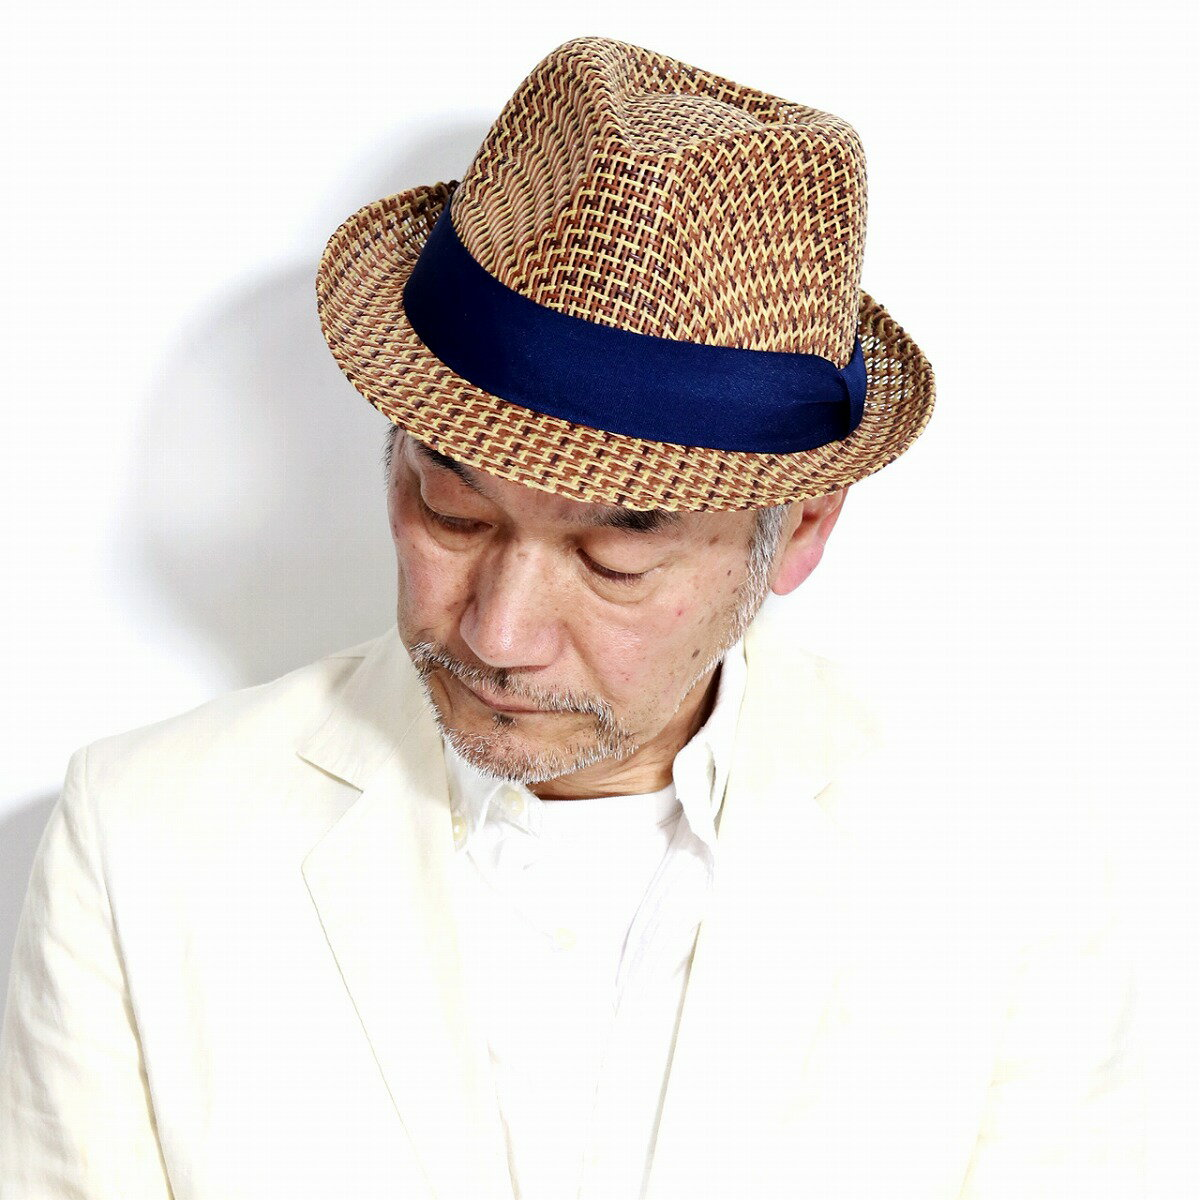 ルーベン ストローハット メンズ 春 夏 ペーパー 中折れハット メンズ レディース ruben 帽子 ミックスカラー 麦わら帽子 日よけ / ブラウン 紺リボン [ straw hat ] [ fedora ] 父の日 プレゼント ギフト ラッピング無料